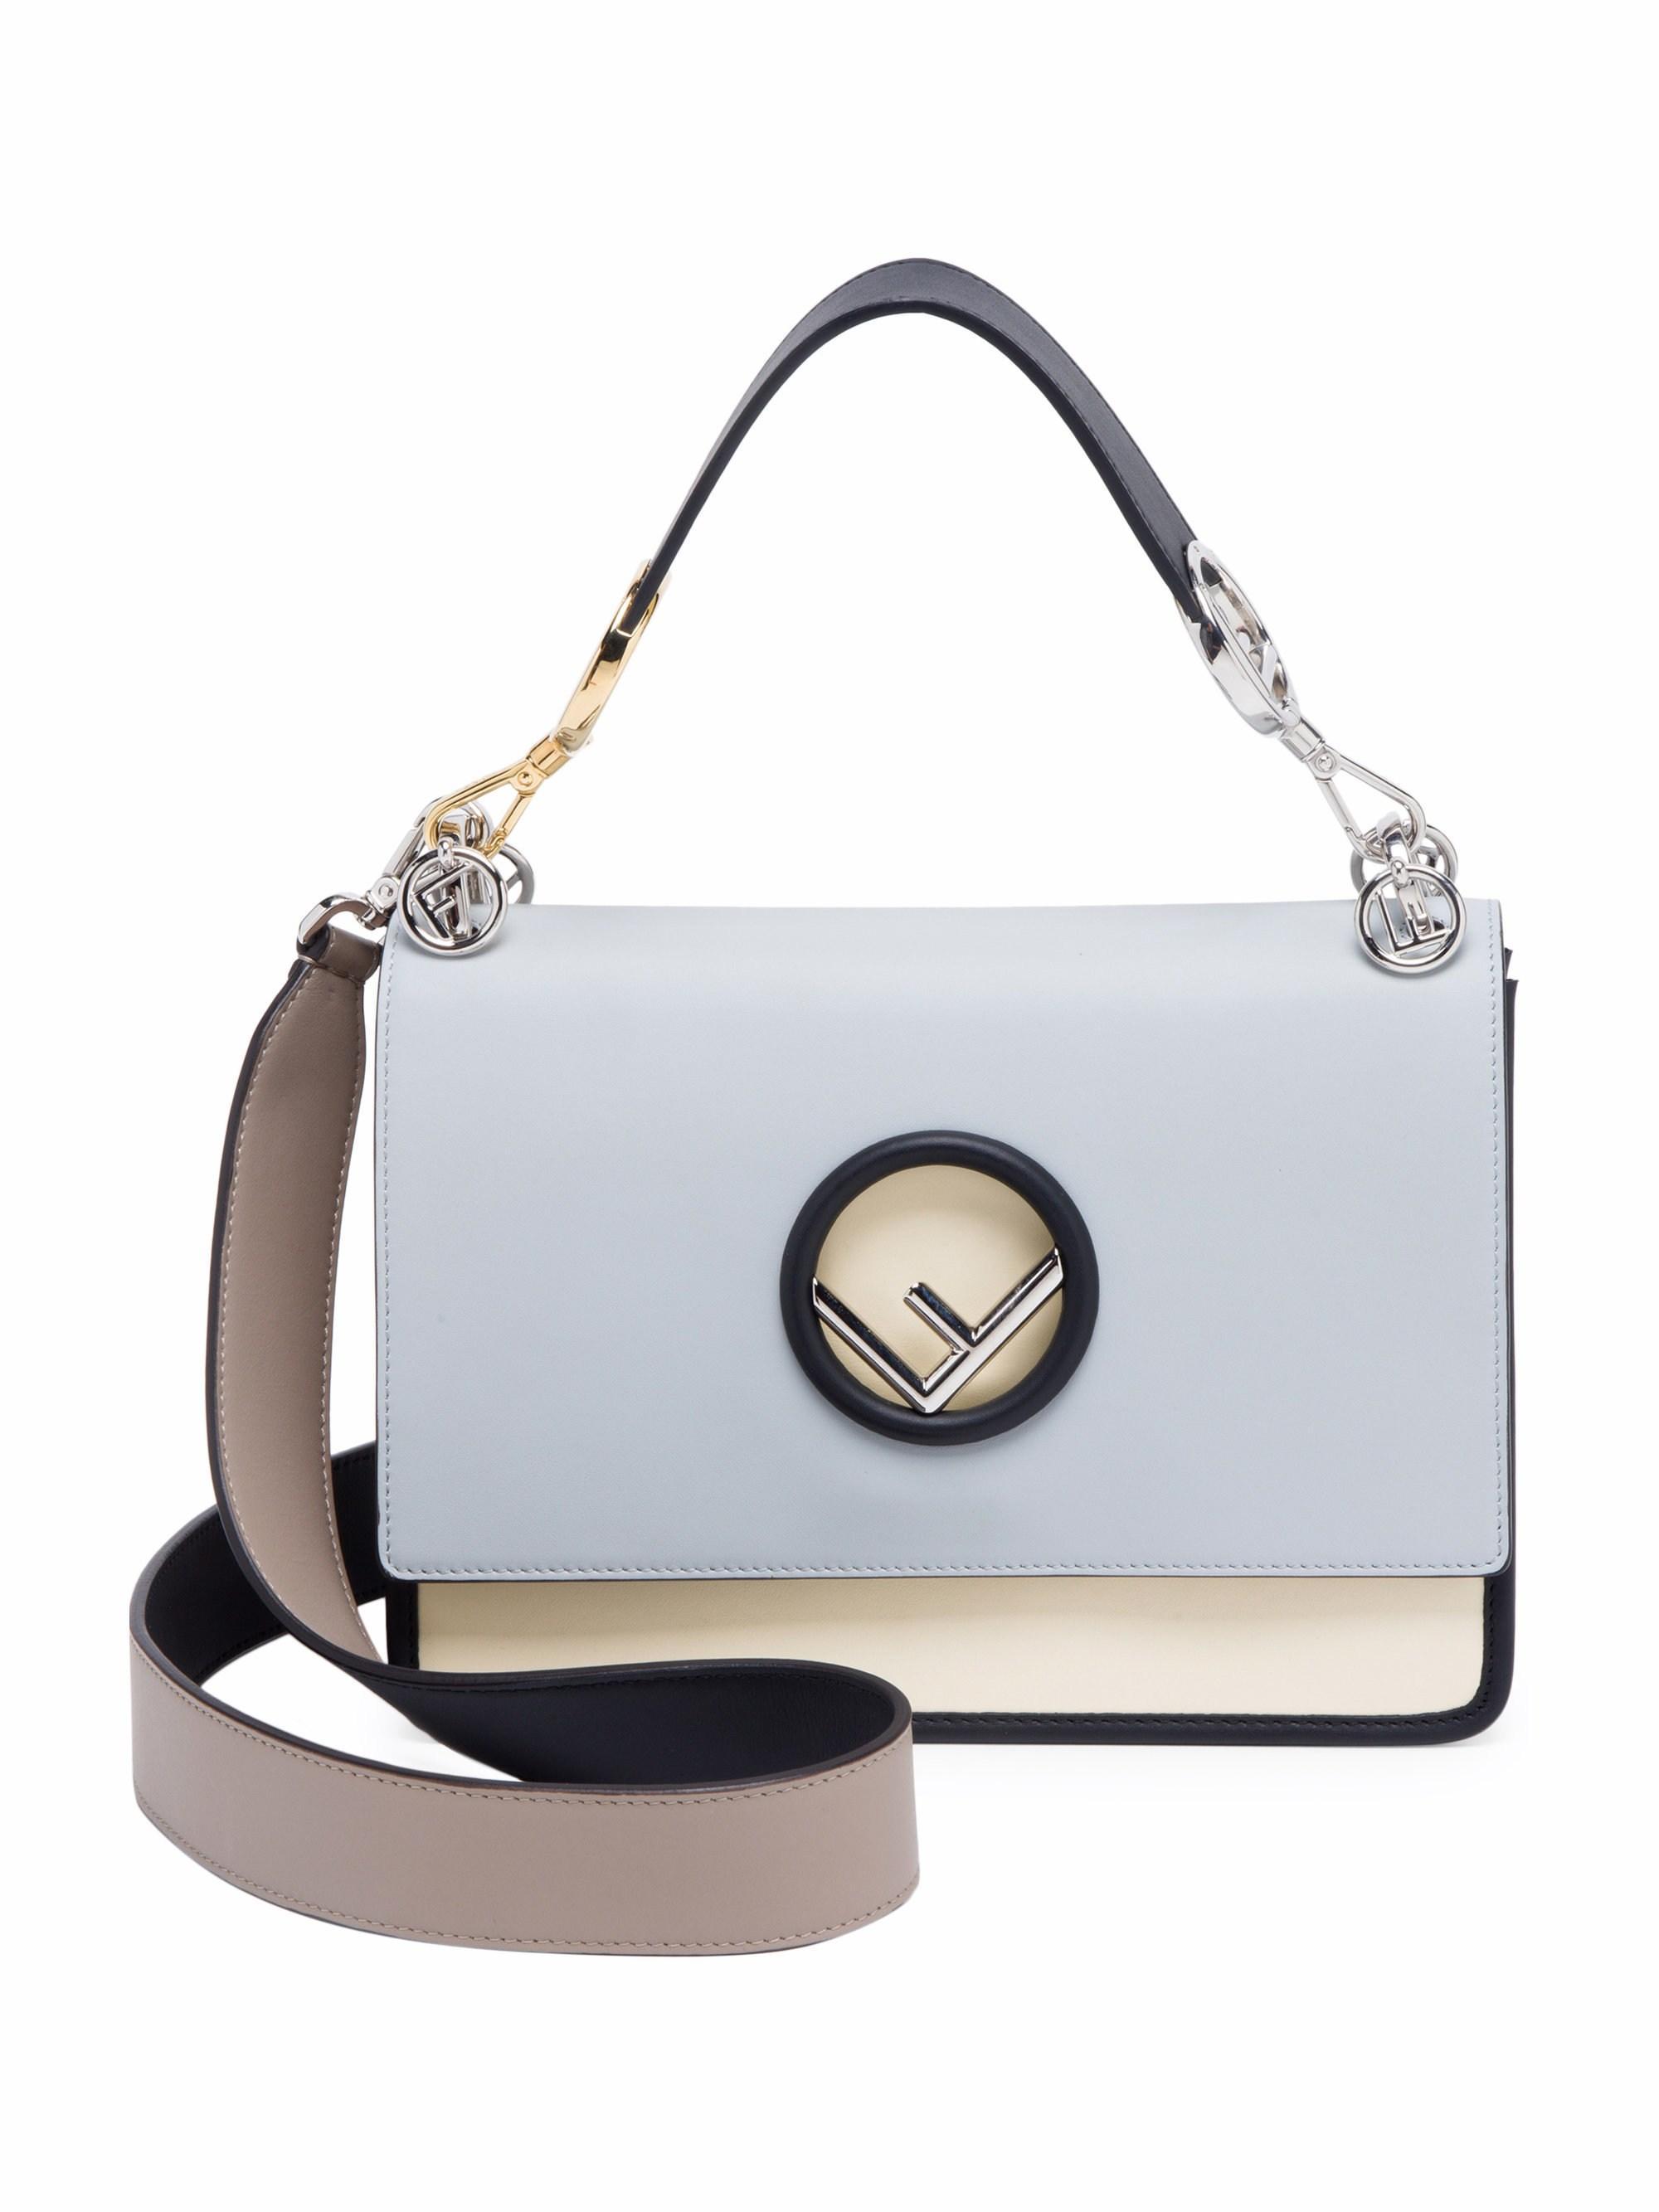 e10fe704ac6a Fendi Women s Kan I Color Block Shoulder Bag - Pearl Grey in Gray - Lyst